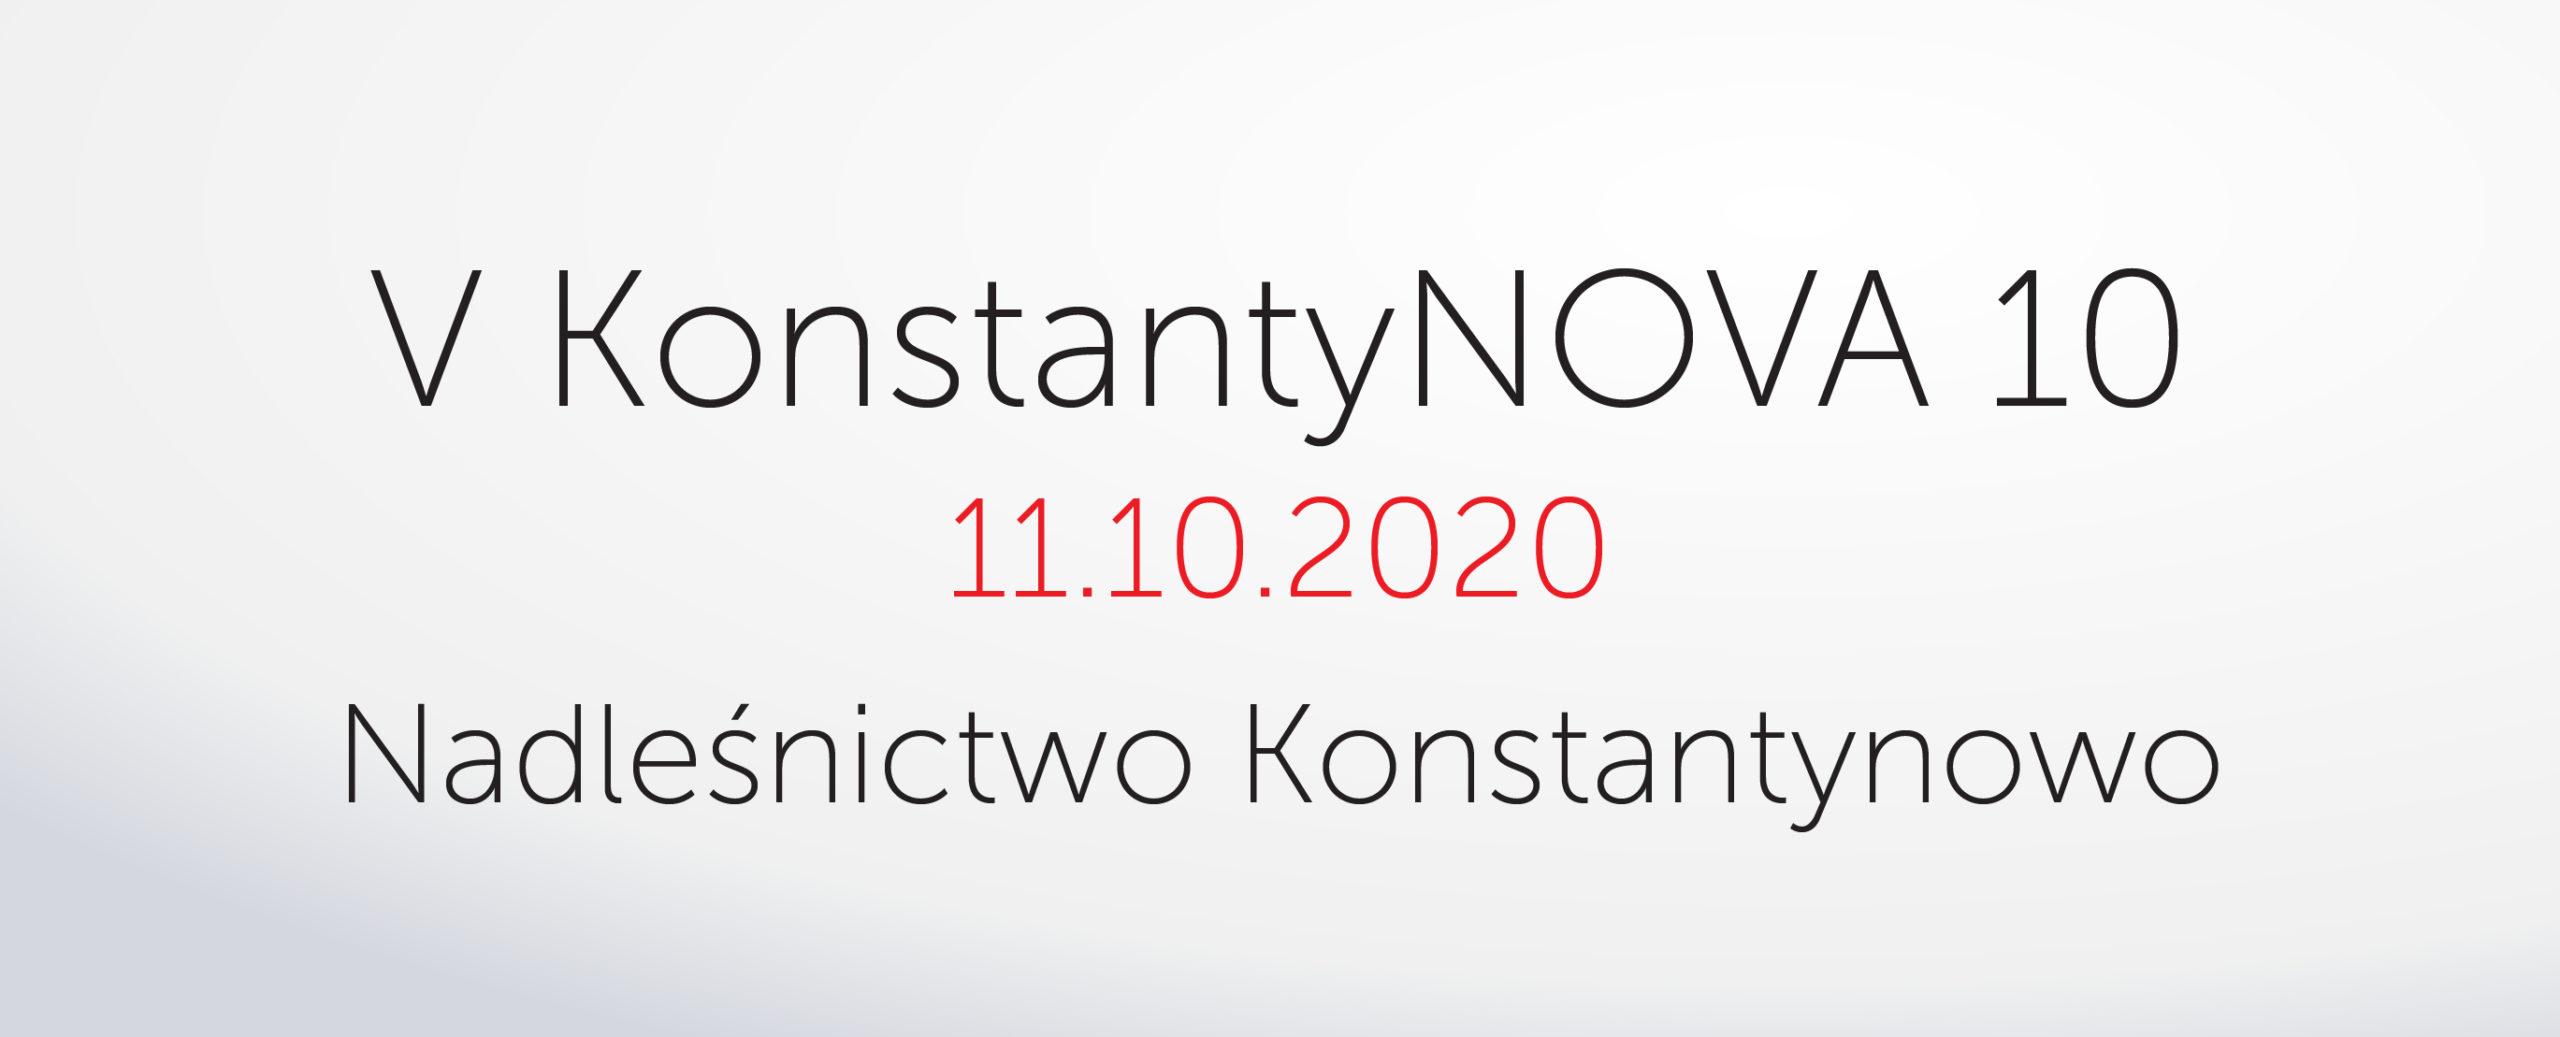 V Konstantynova dycha odbędzie się 11.10.2020